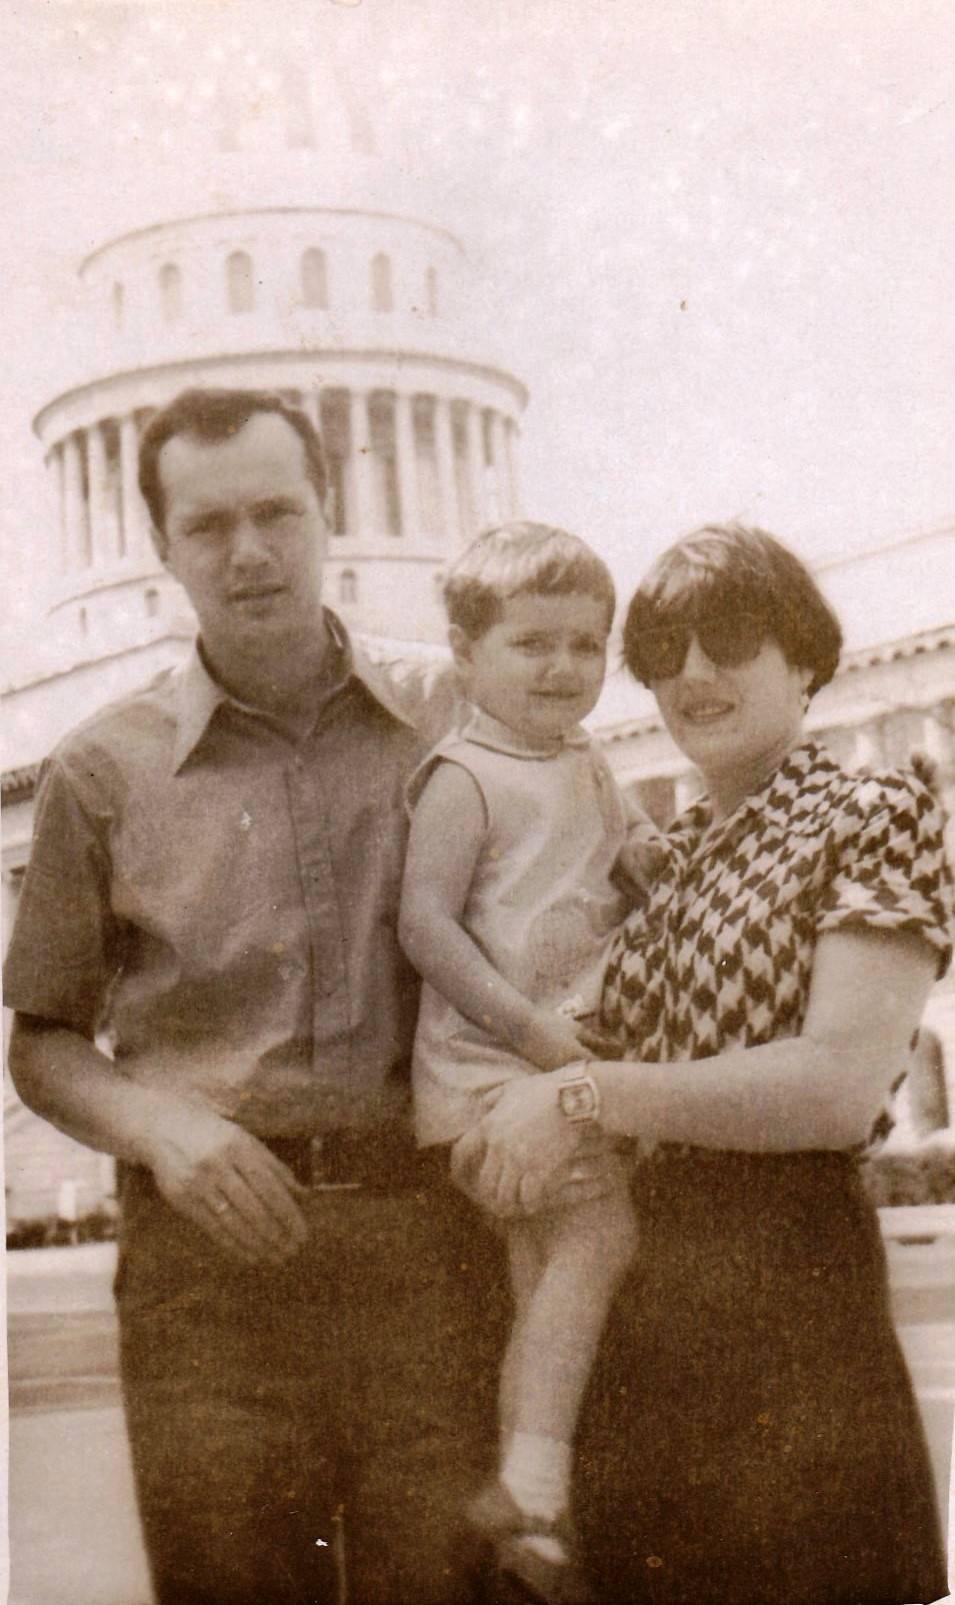 1978-1980. Фото 01. «Первый день в Гаване. Я, Лена и Женечка на фоне Капитолия».